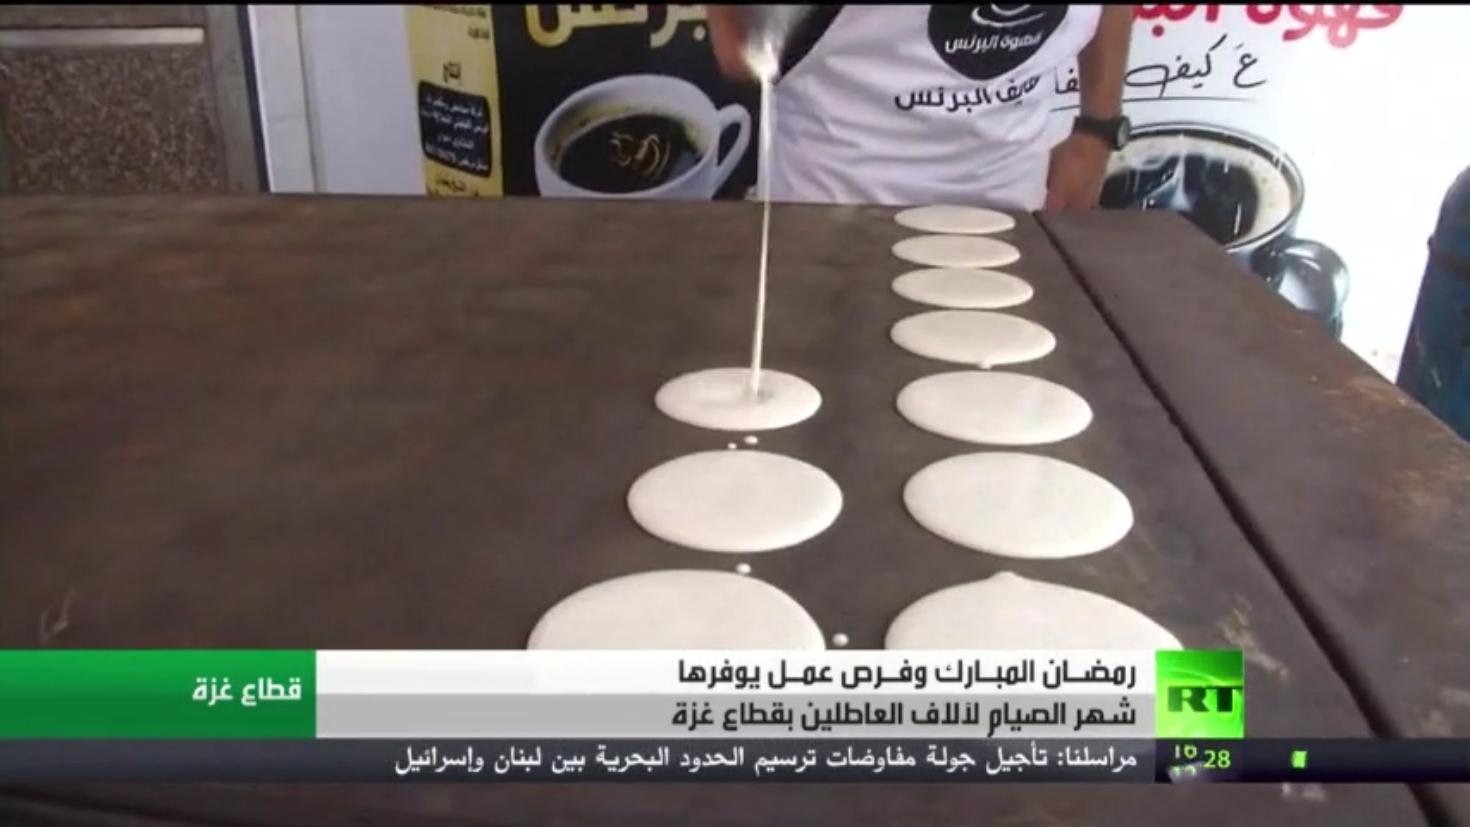 شهر رمضان المبارك.. فرصة عمل لأهالي غزة